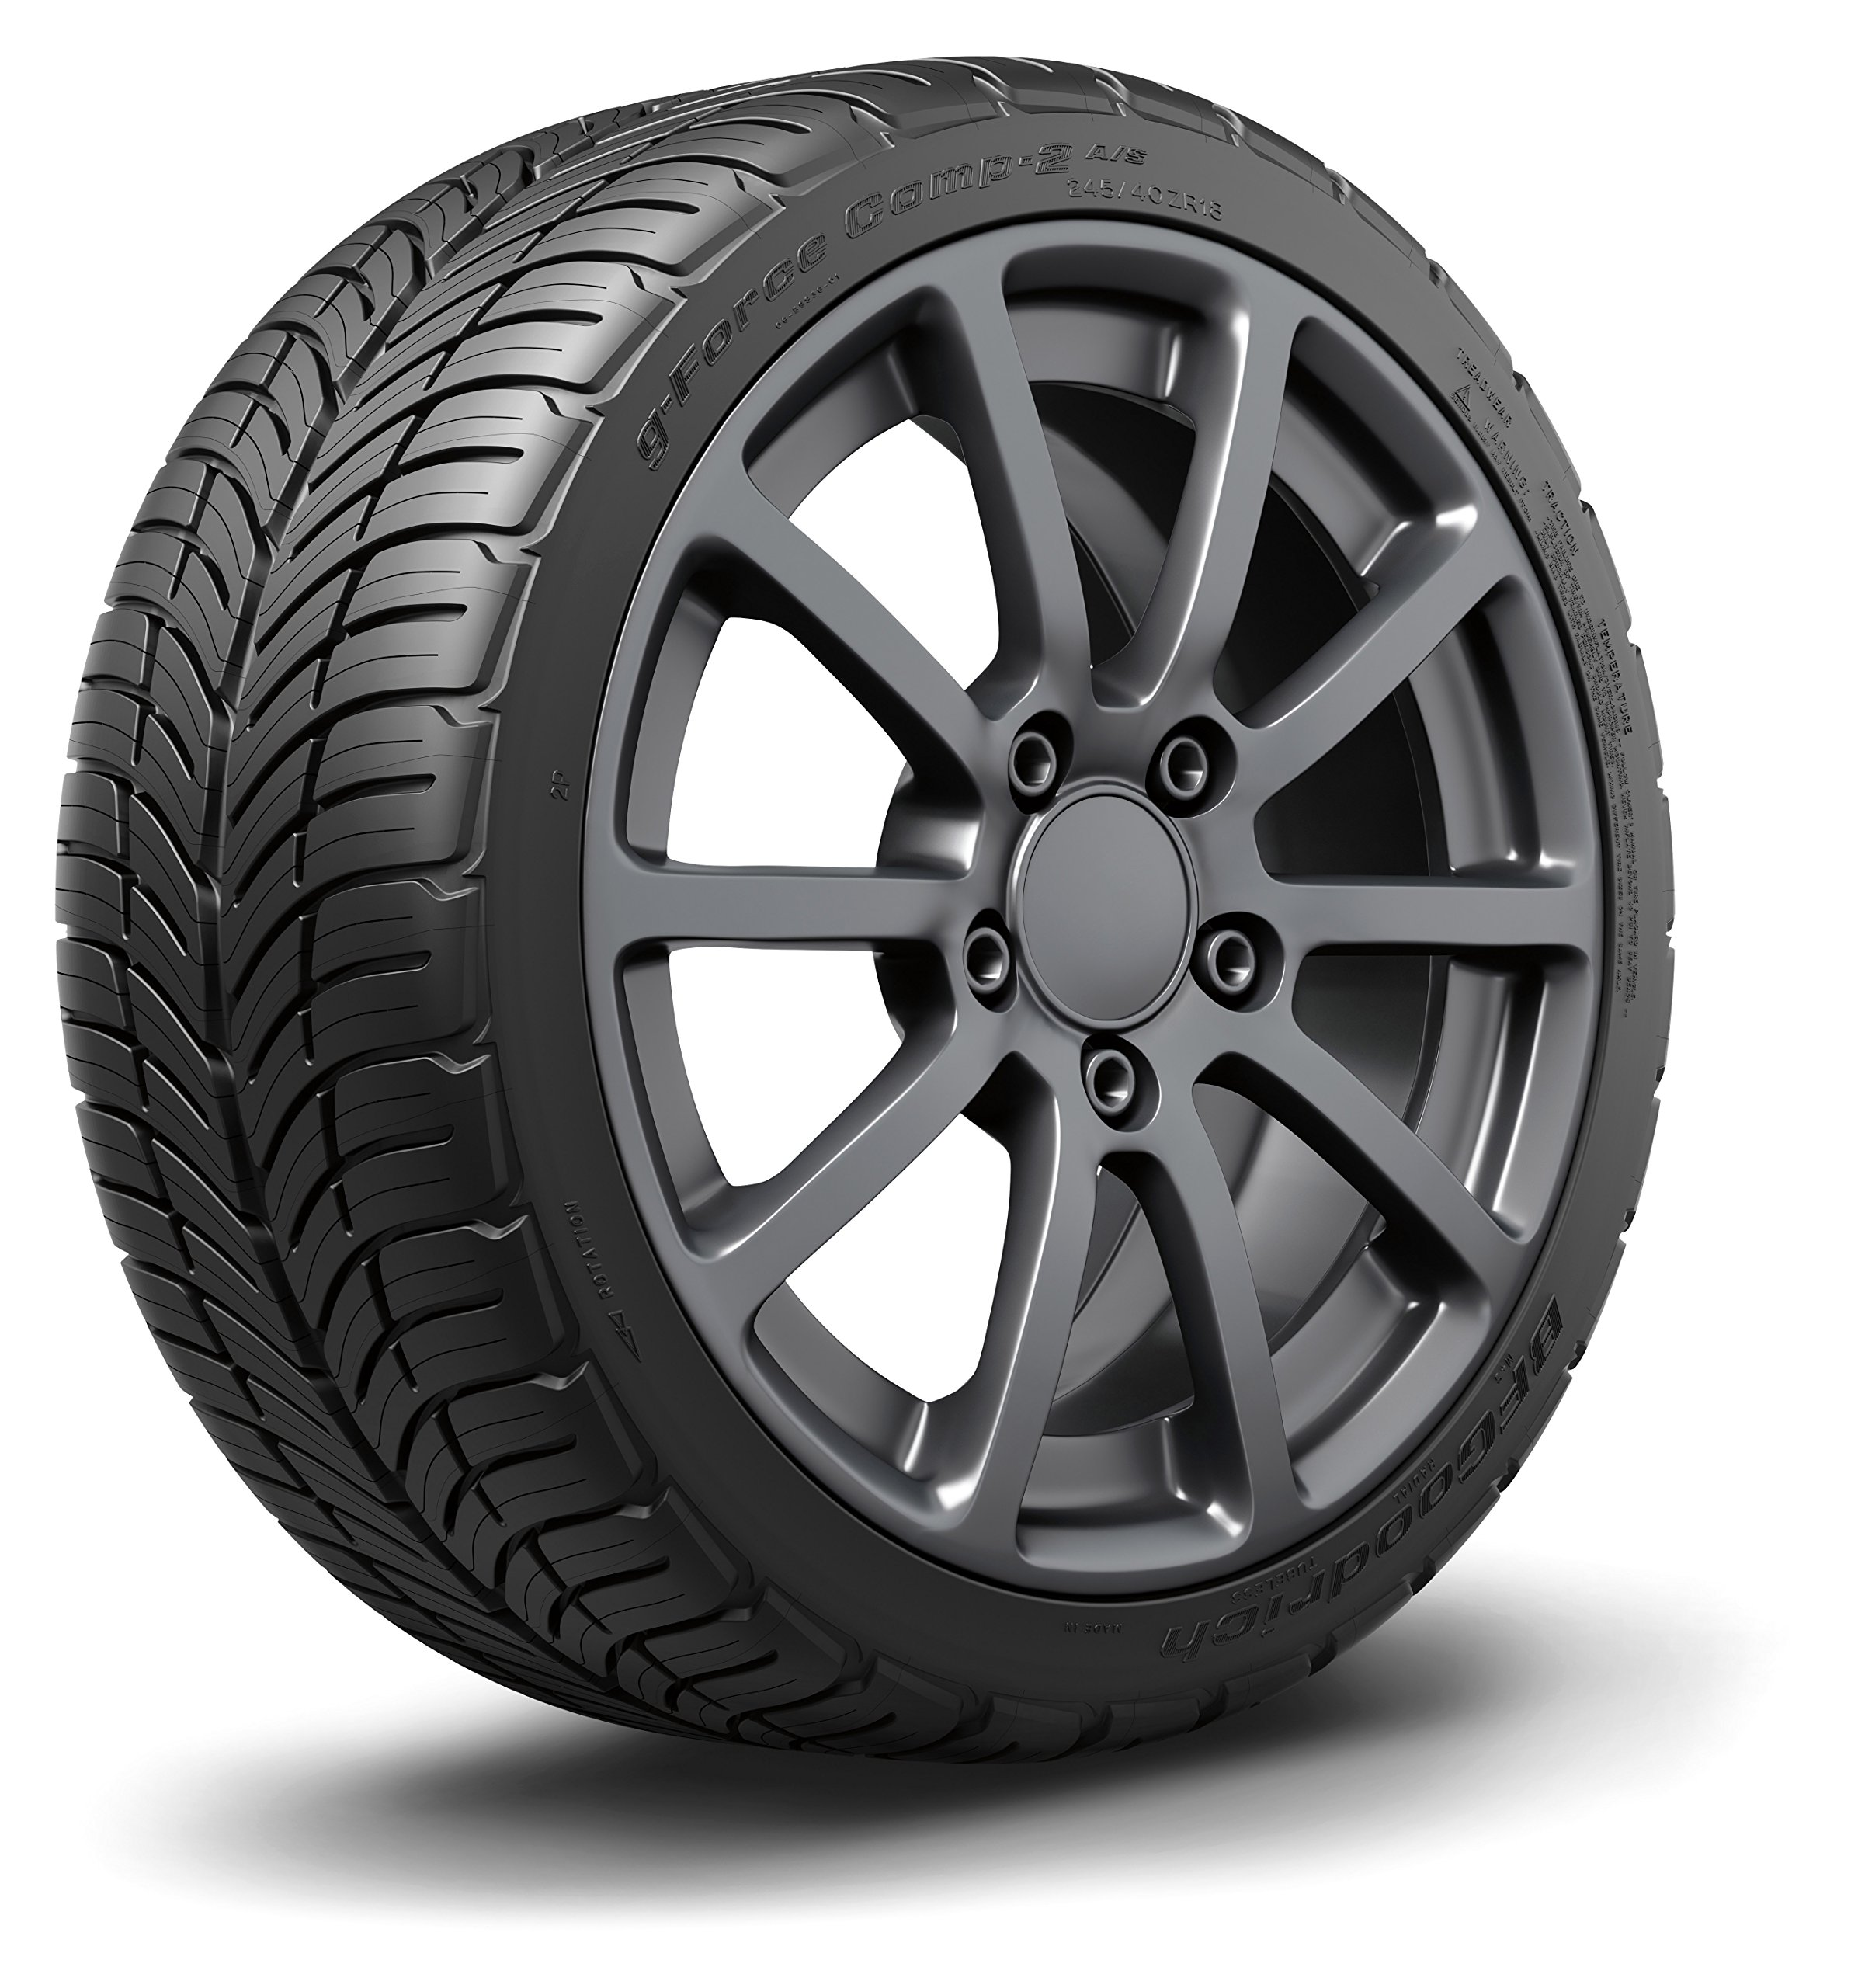 BFGoodrich g-Force COMP-2 A/S All-Season Radial Tire - 235/50ZR18 97W by BFGoodrich (Image #2)